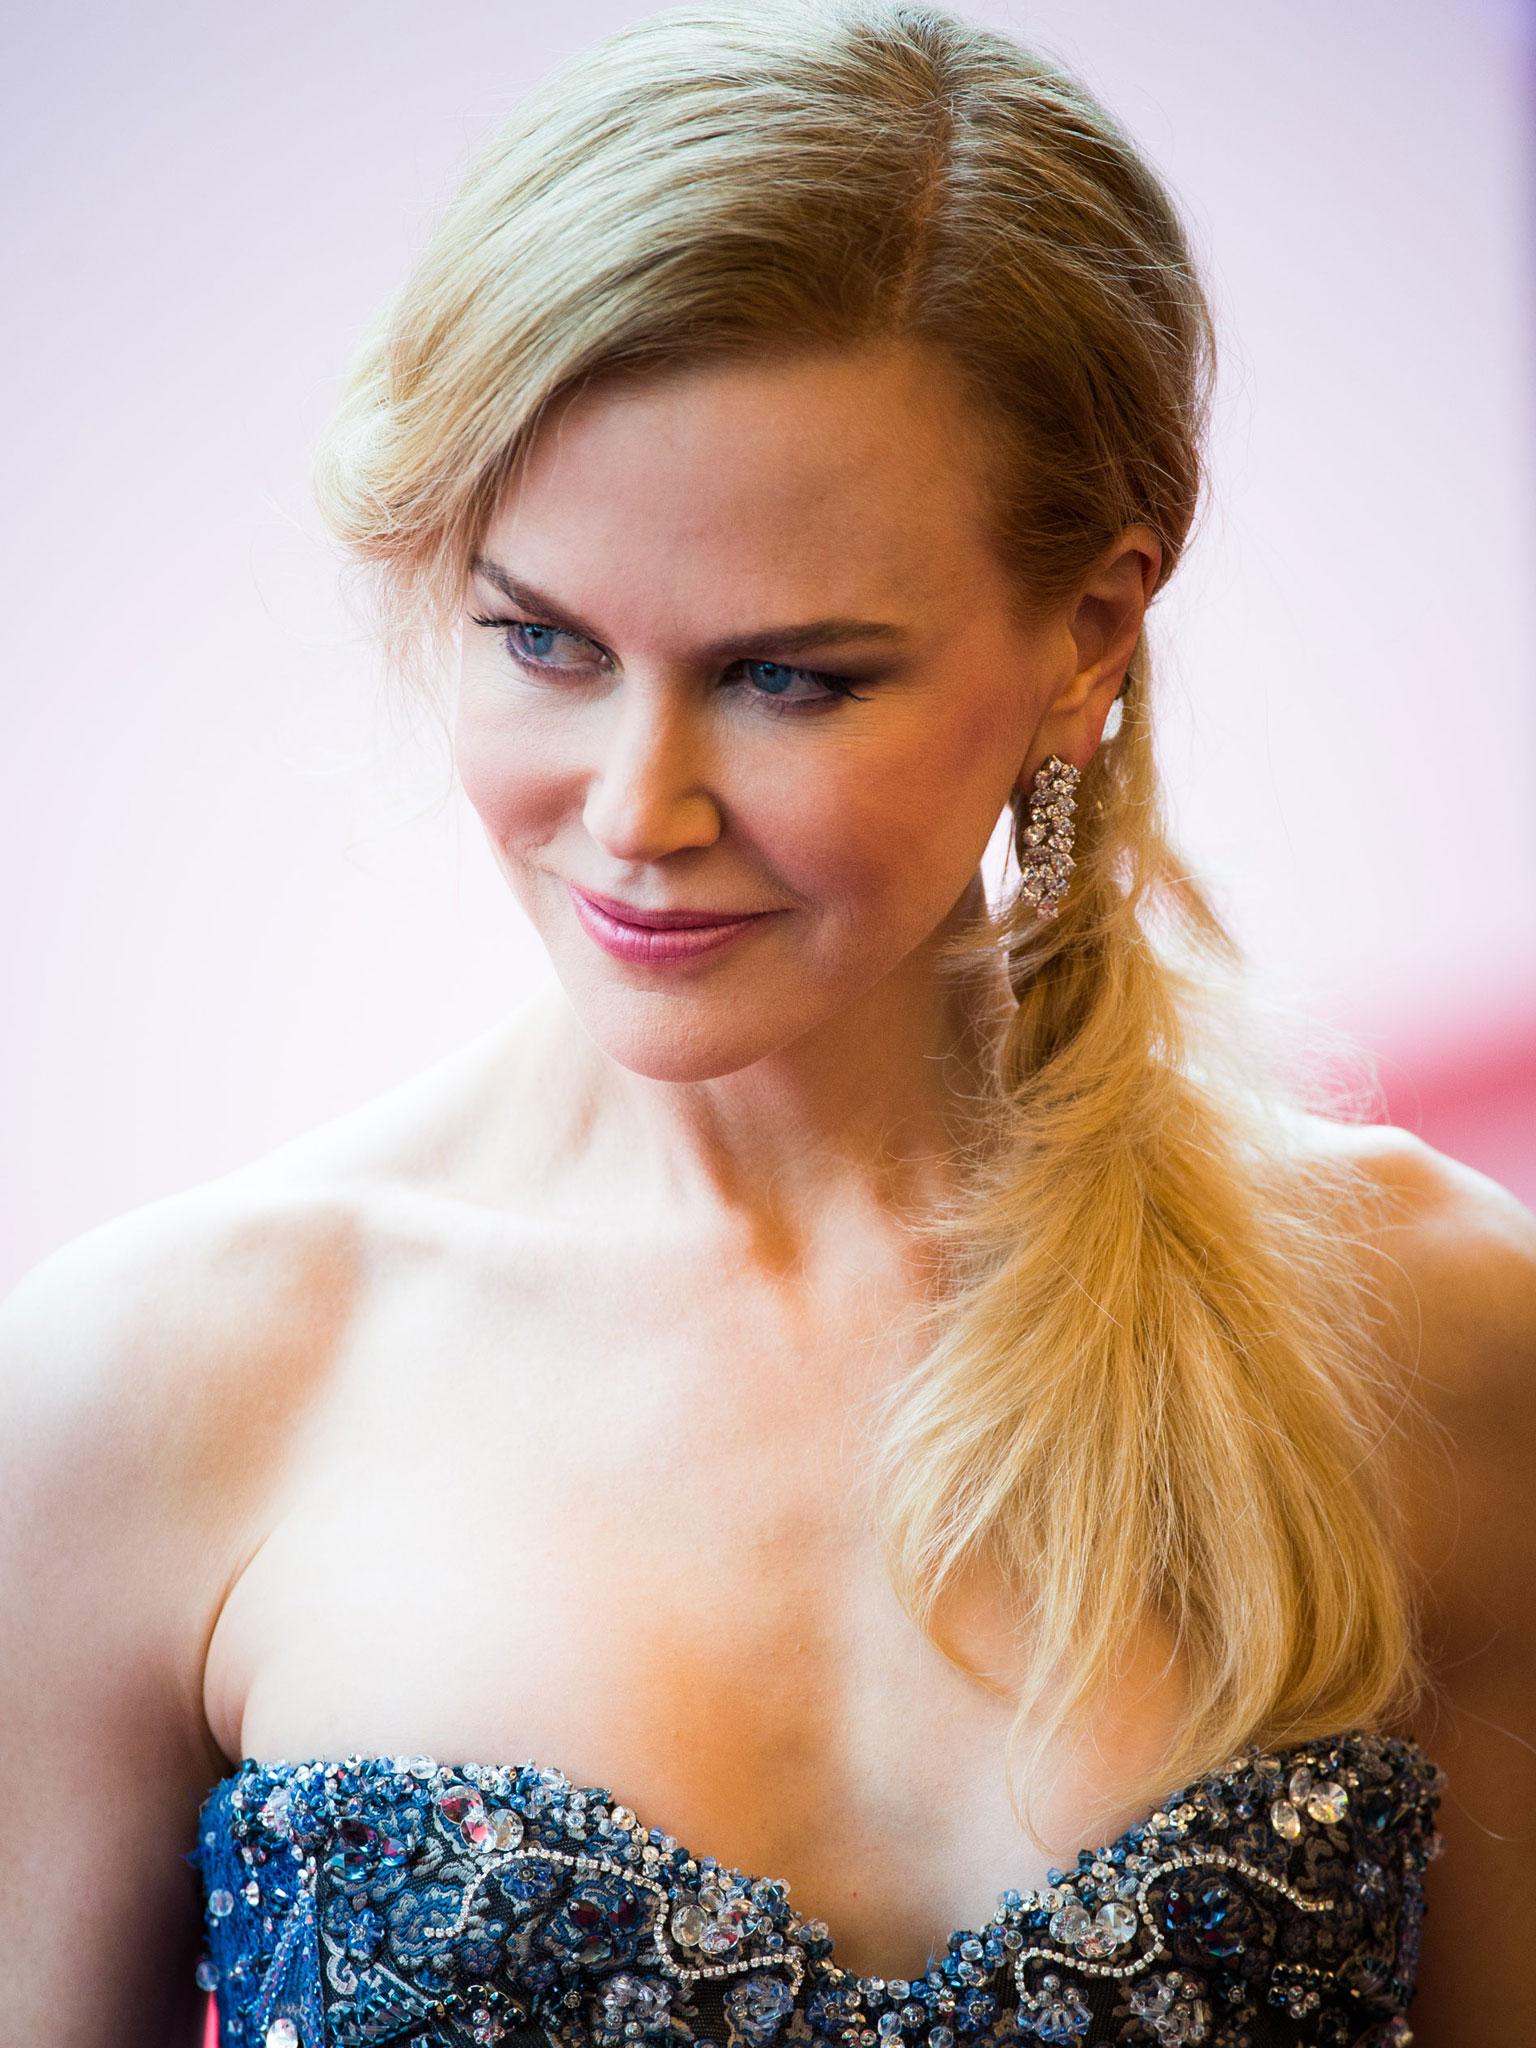 #NicoleKidman #Cannes #2014